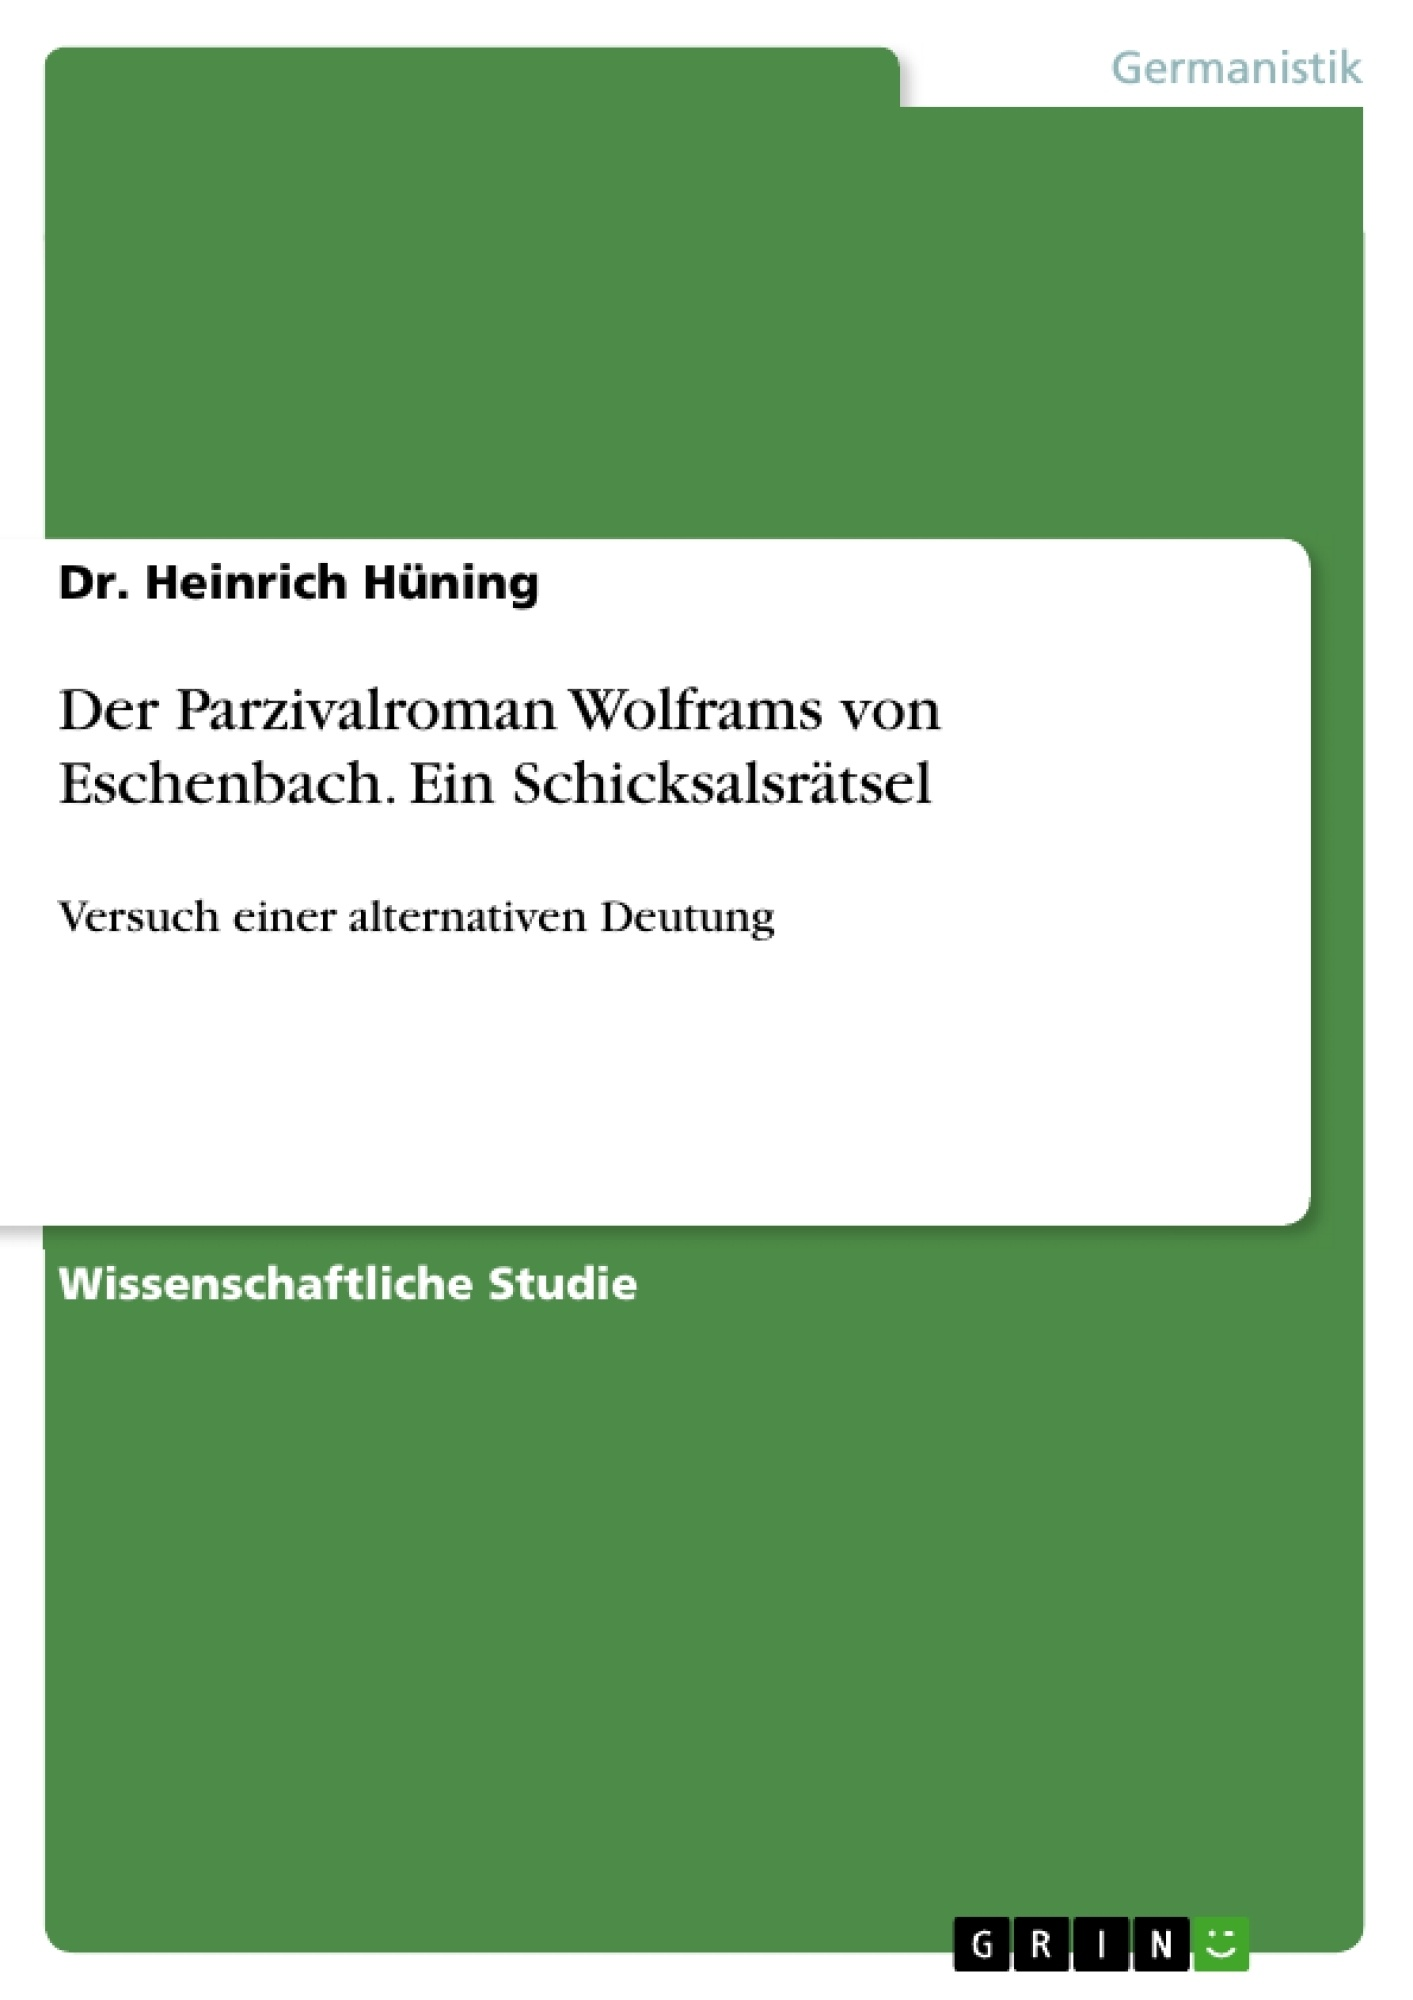 Titel: Der Parzivalroman Wolframs von Eschenbach. Ein Schicksalsrätsel